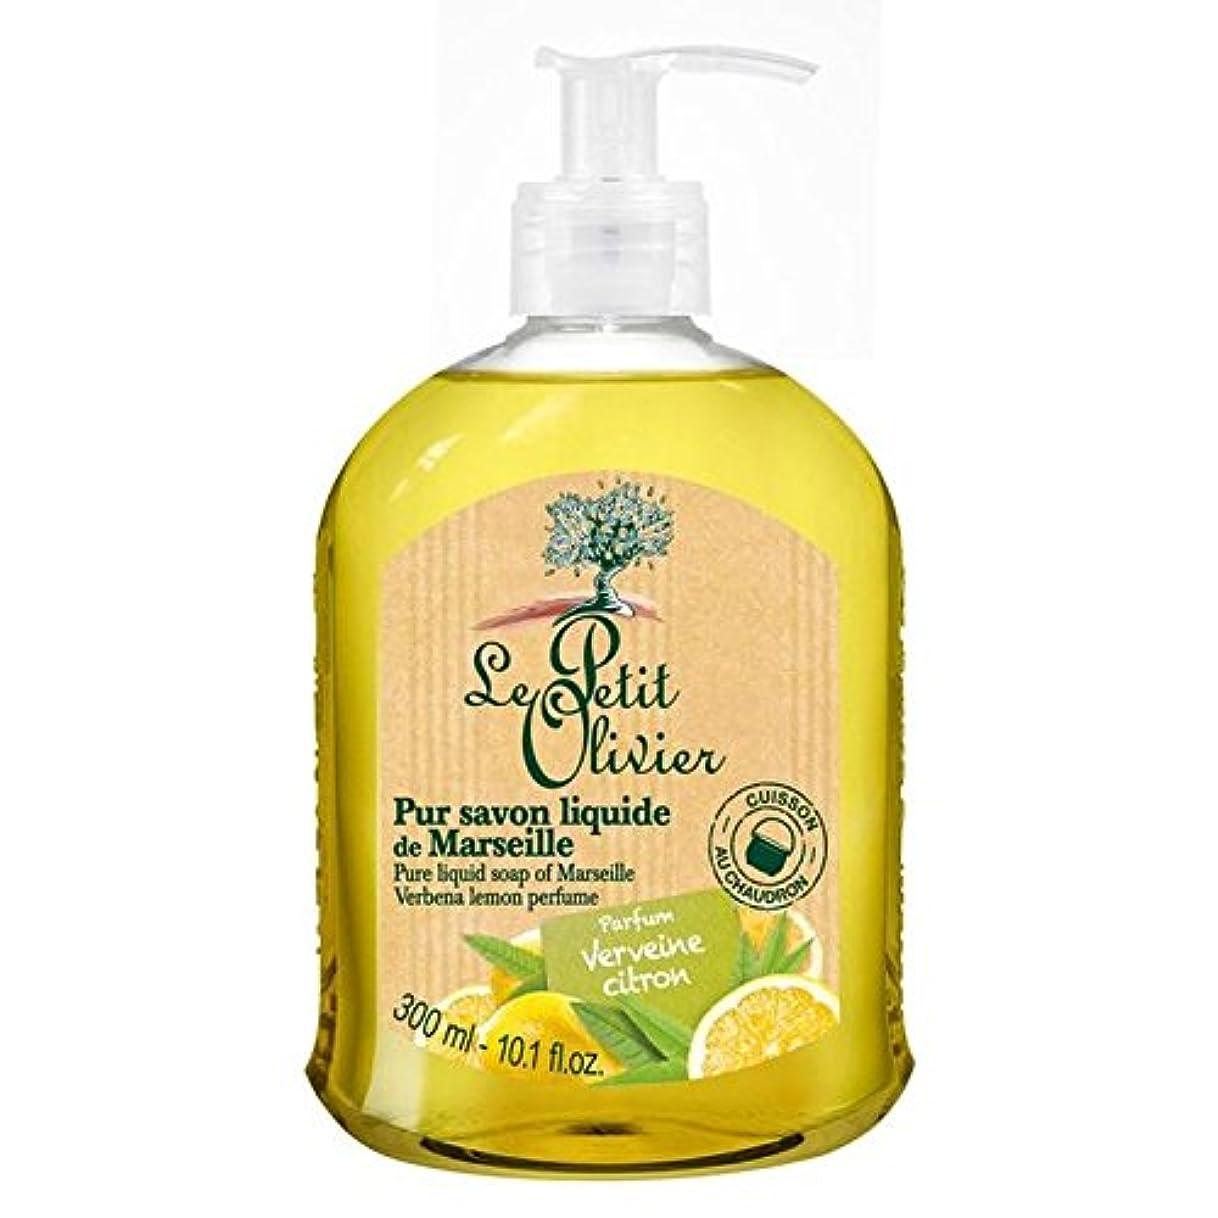 ヒープ農学にLe Petit Olivier Pure Liquid Soap of Marseille, Verbena Lemon 300ml (Pack of 6) - マルセイユのル?プティ?オリヴィエ純粋な液体石鹸、バーベナレモン300ミリリットル x6 [並行輸入品]